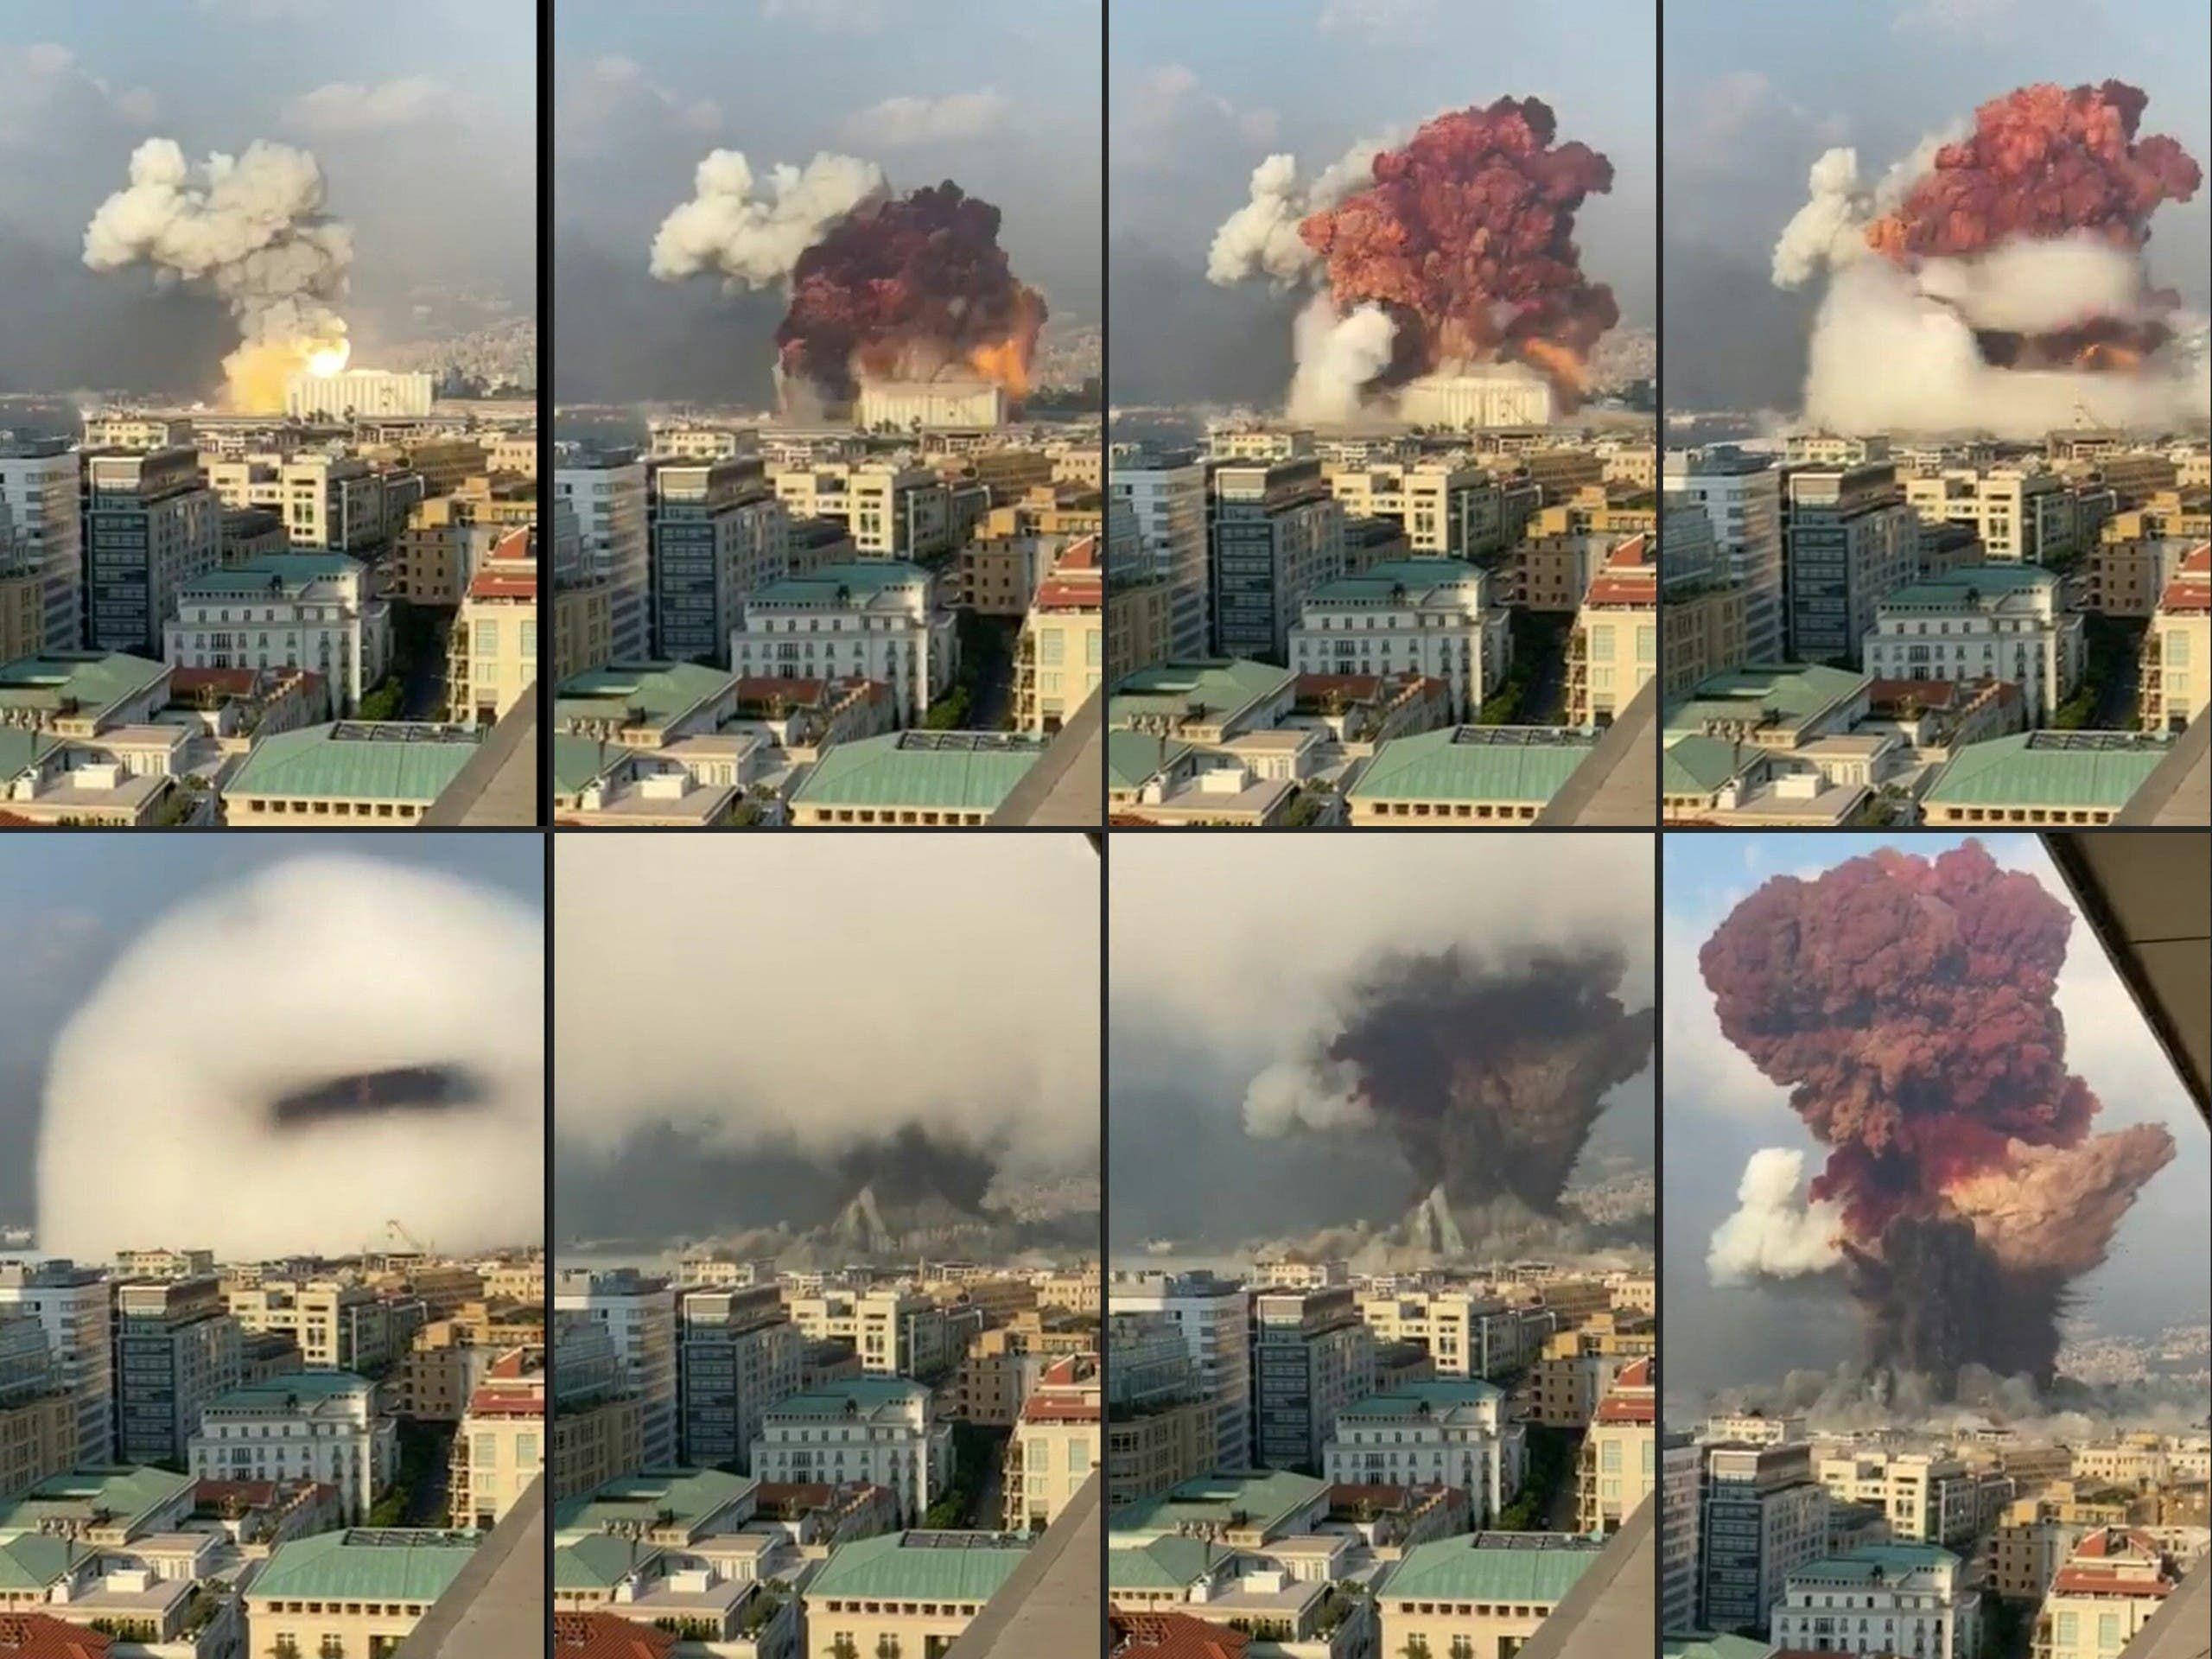 صور تظهر الانفجار الضخم